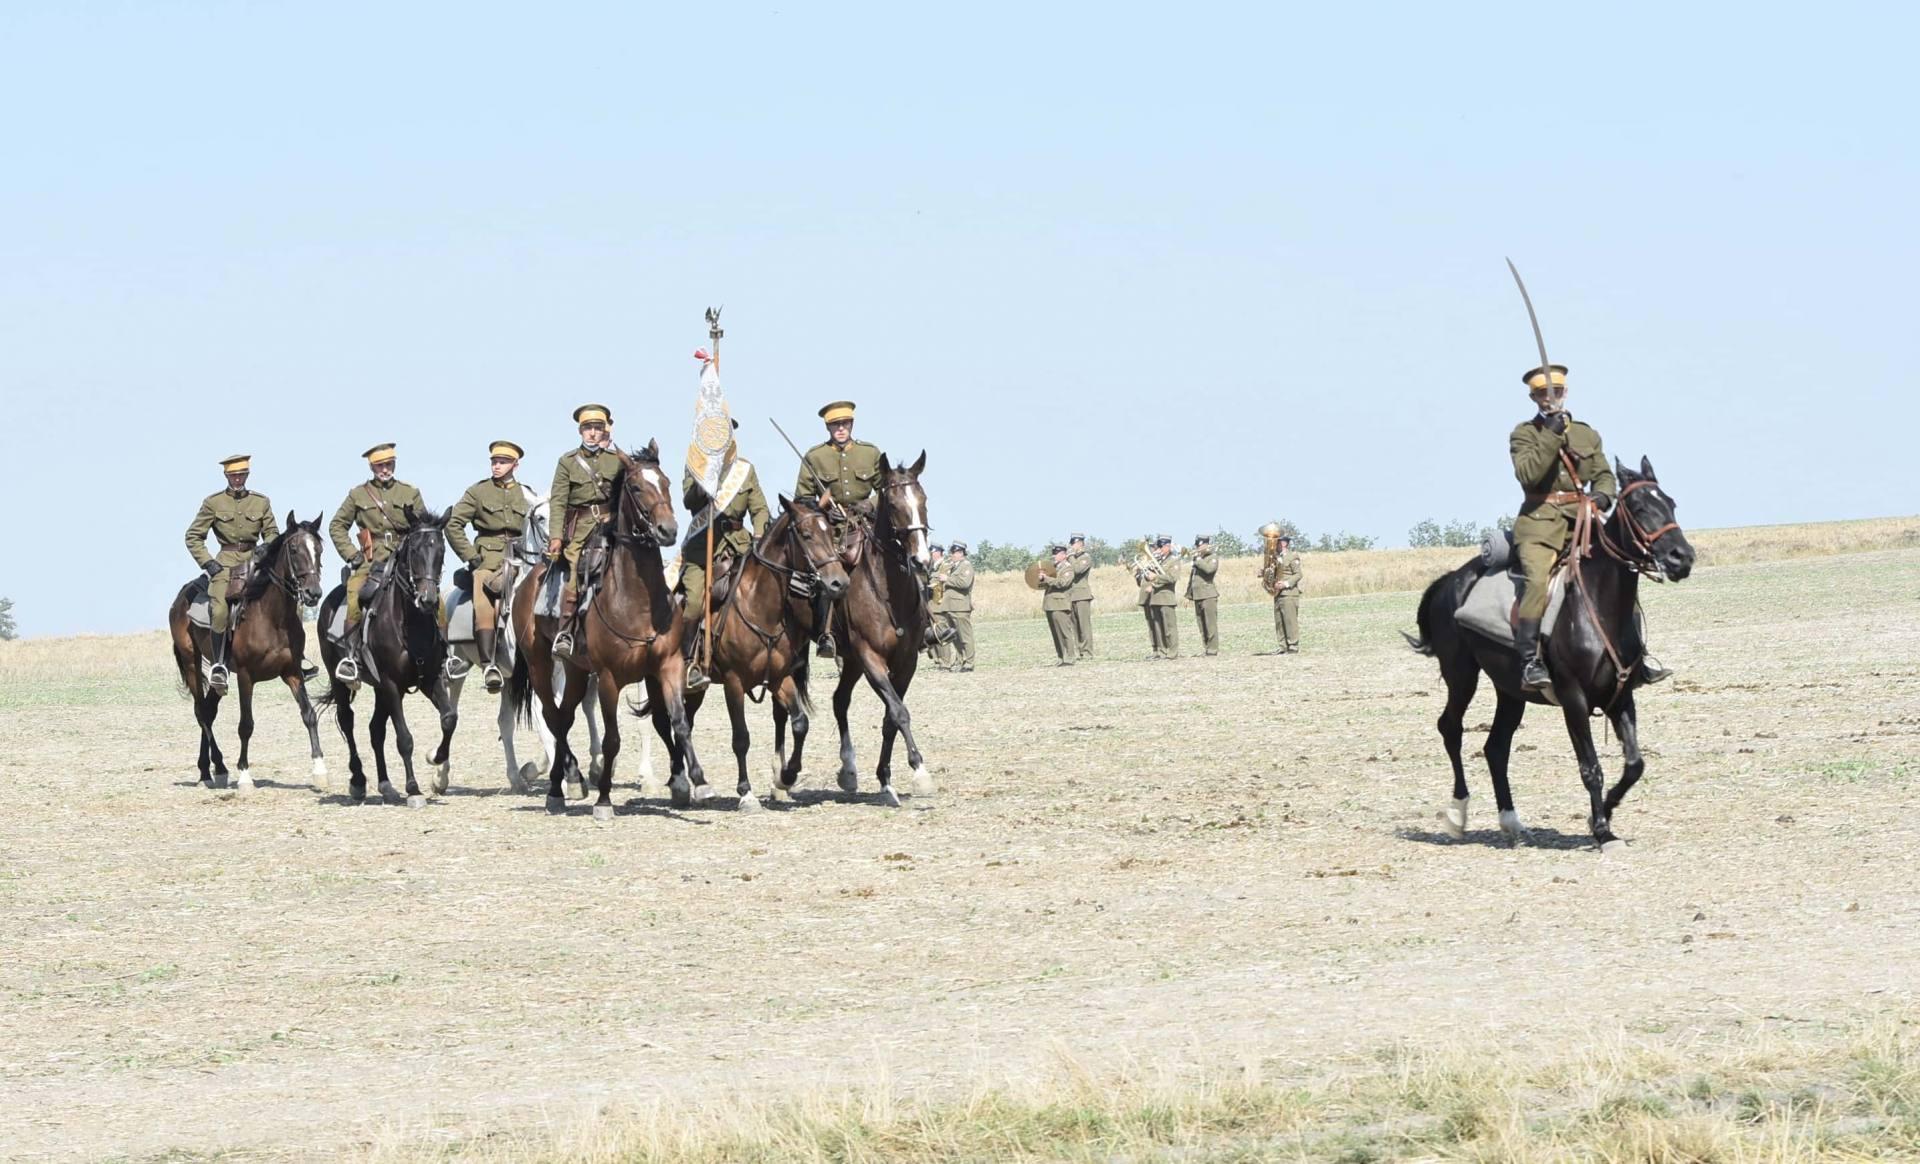 dsc 0613 Czas szabli - 100 rocznica bitwy pod Komarowem(zdjęcia)